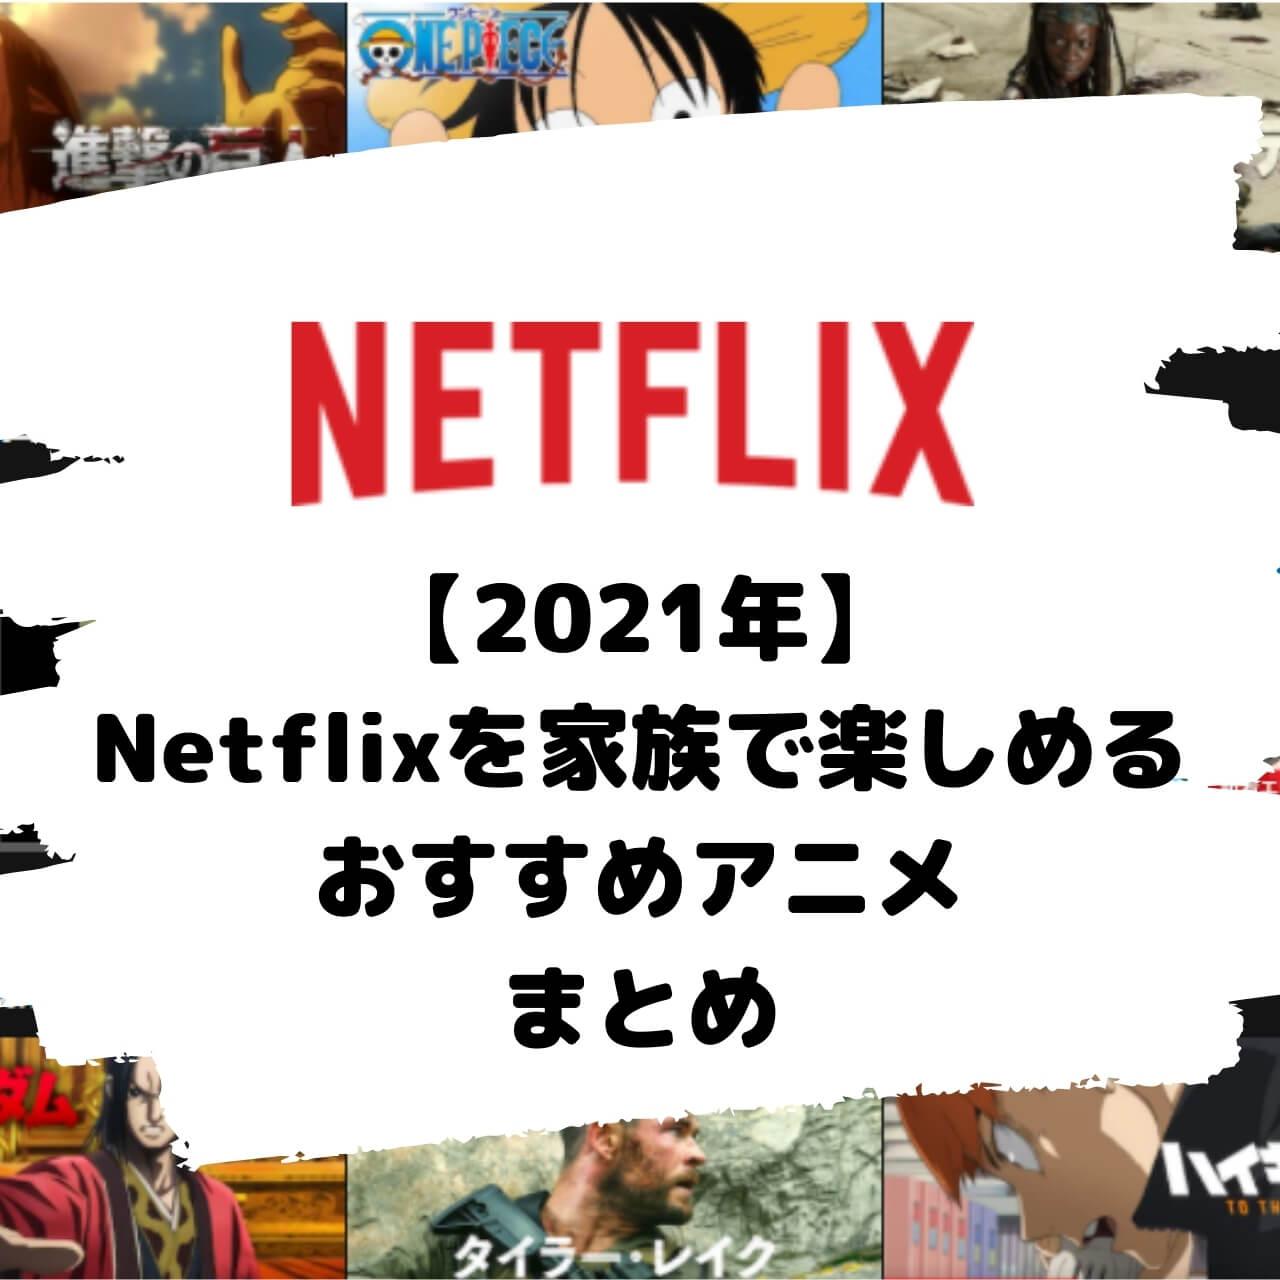 【2021年】Netflixを家族で楽しめるおすすめアニメ|まとめ